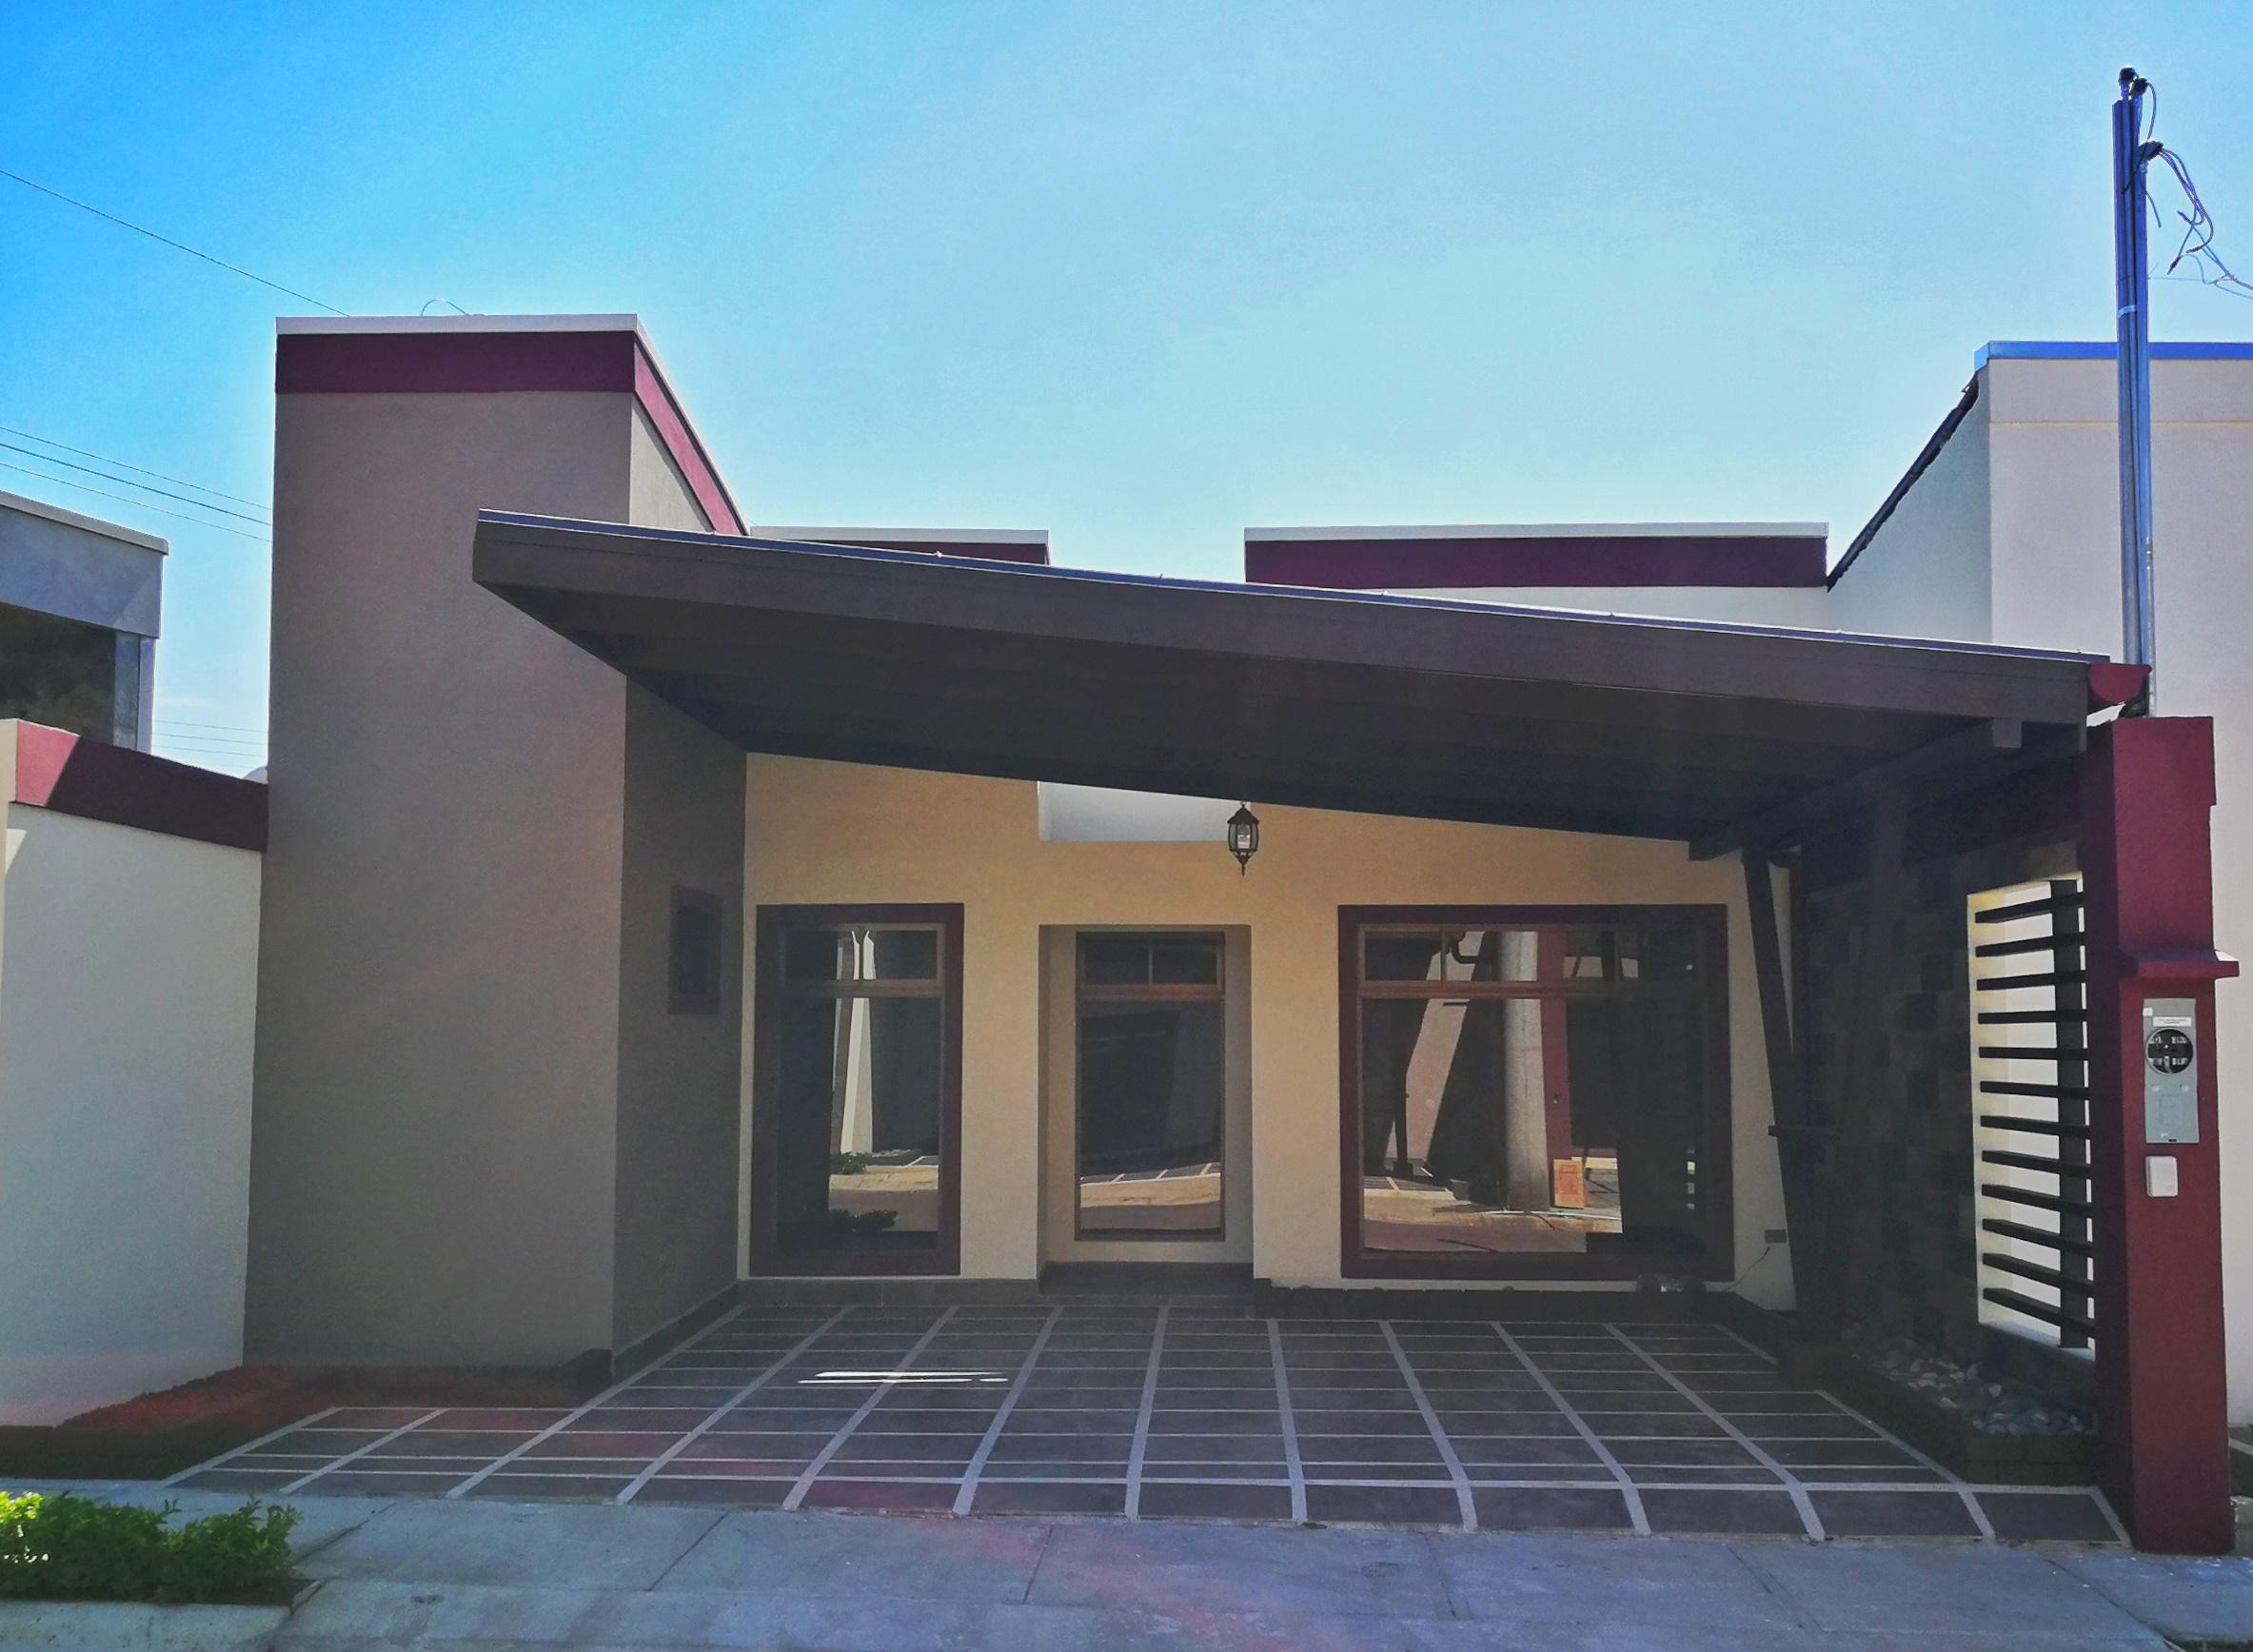 Condominio nuevo en venta